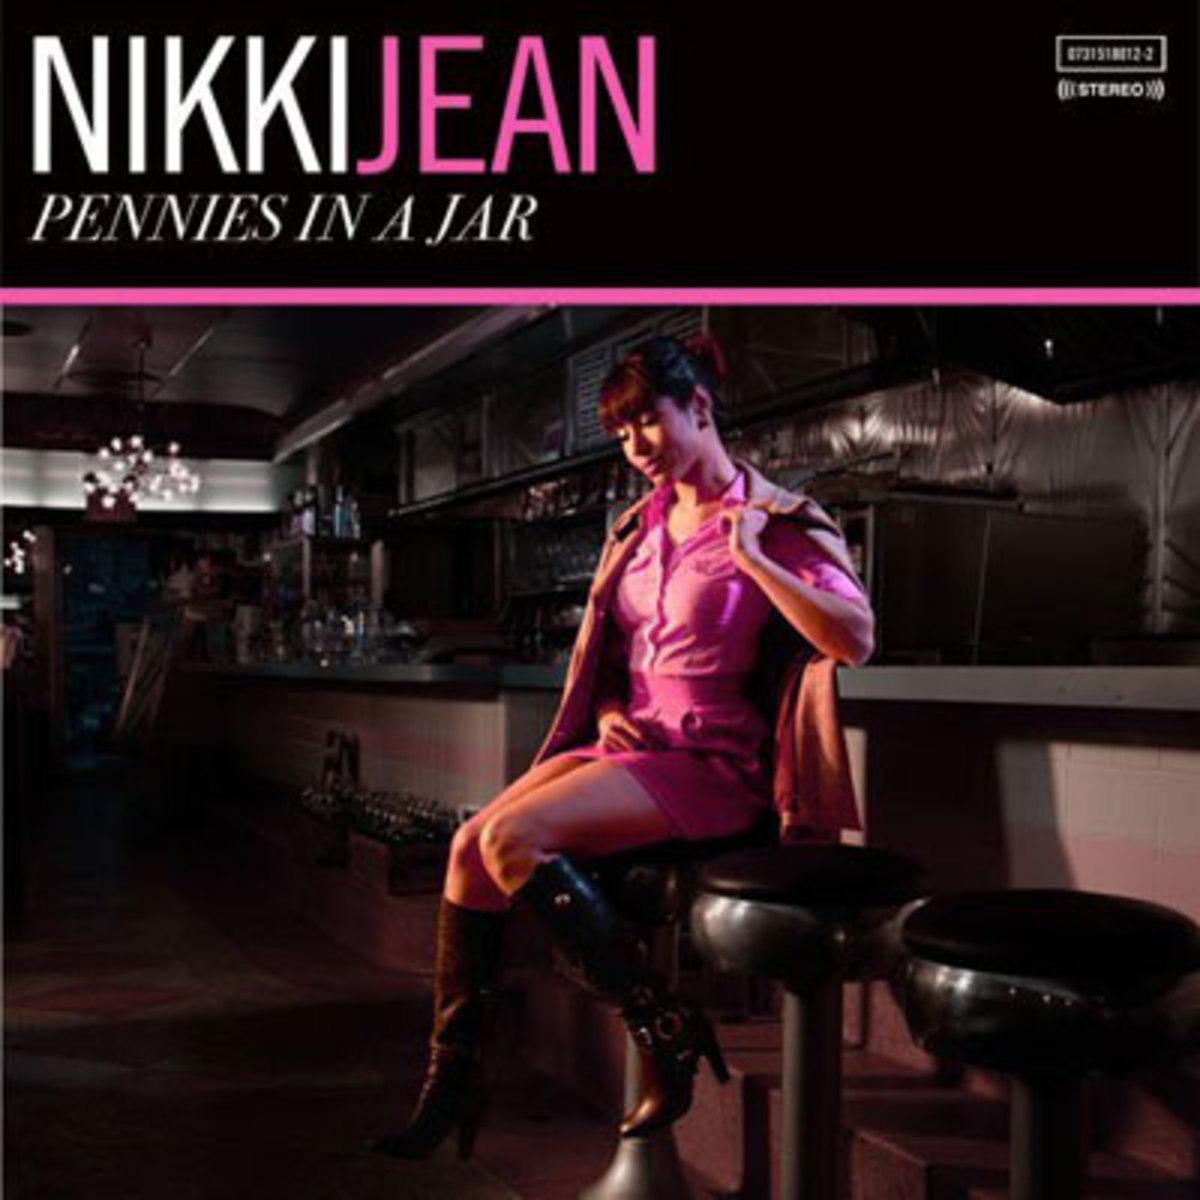 nikkijean-penniesinajar.jpg